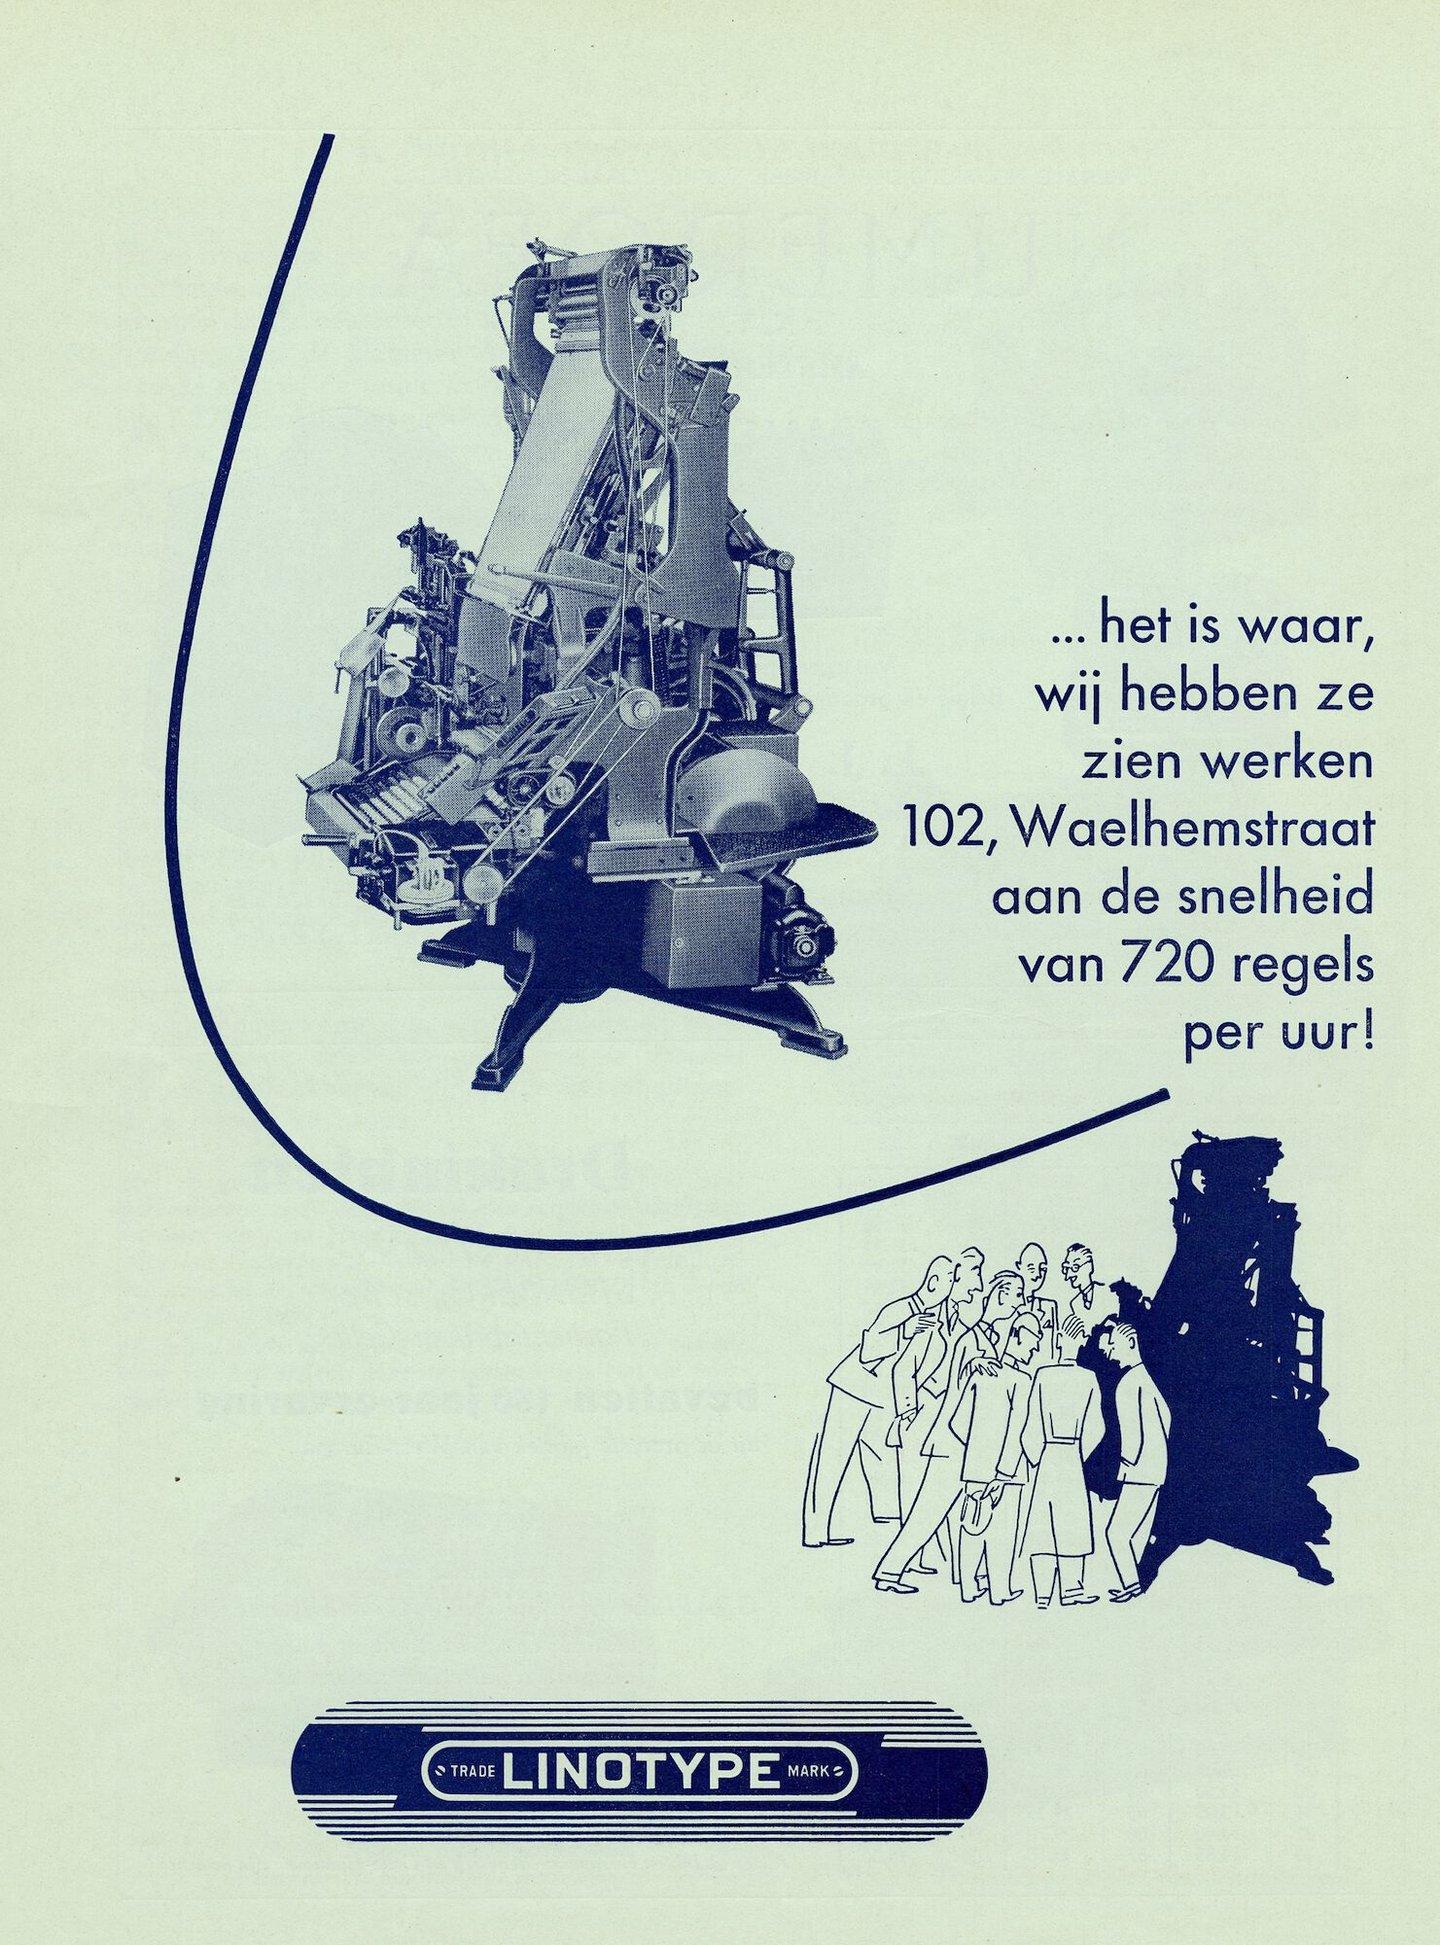 Reclame door Société Linotype Belge voor de Linotype zetmachine